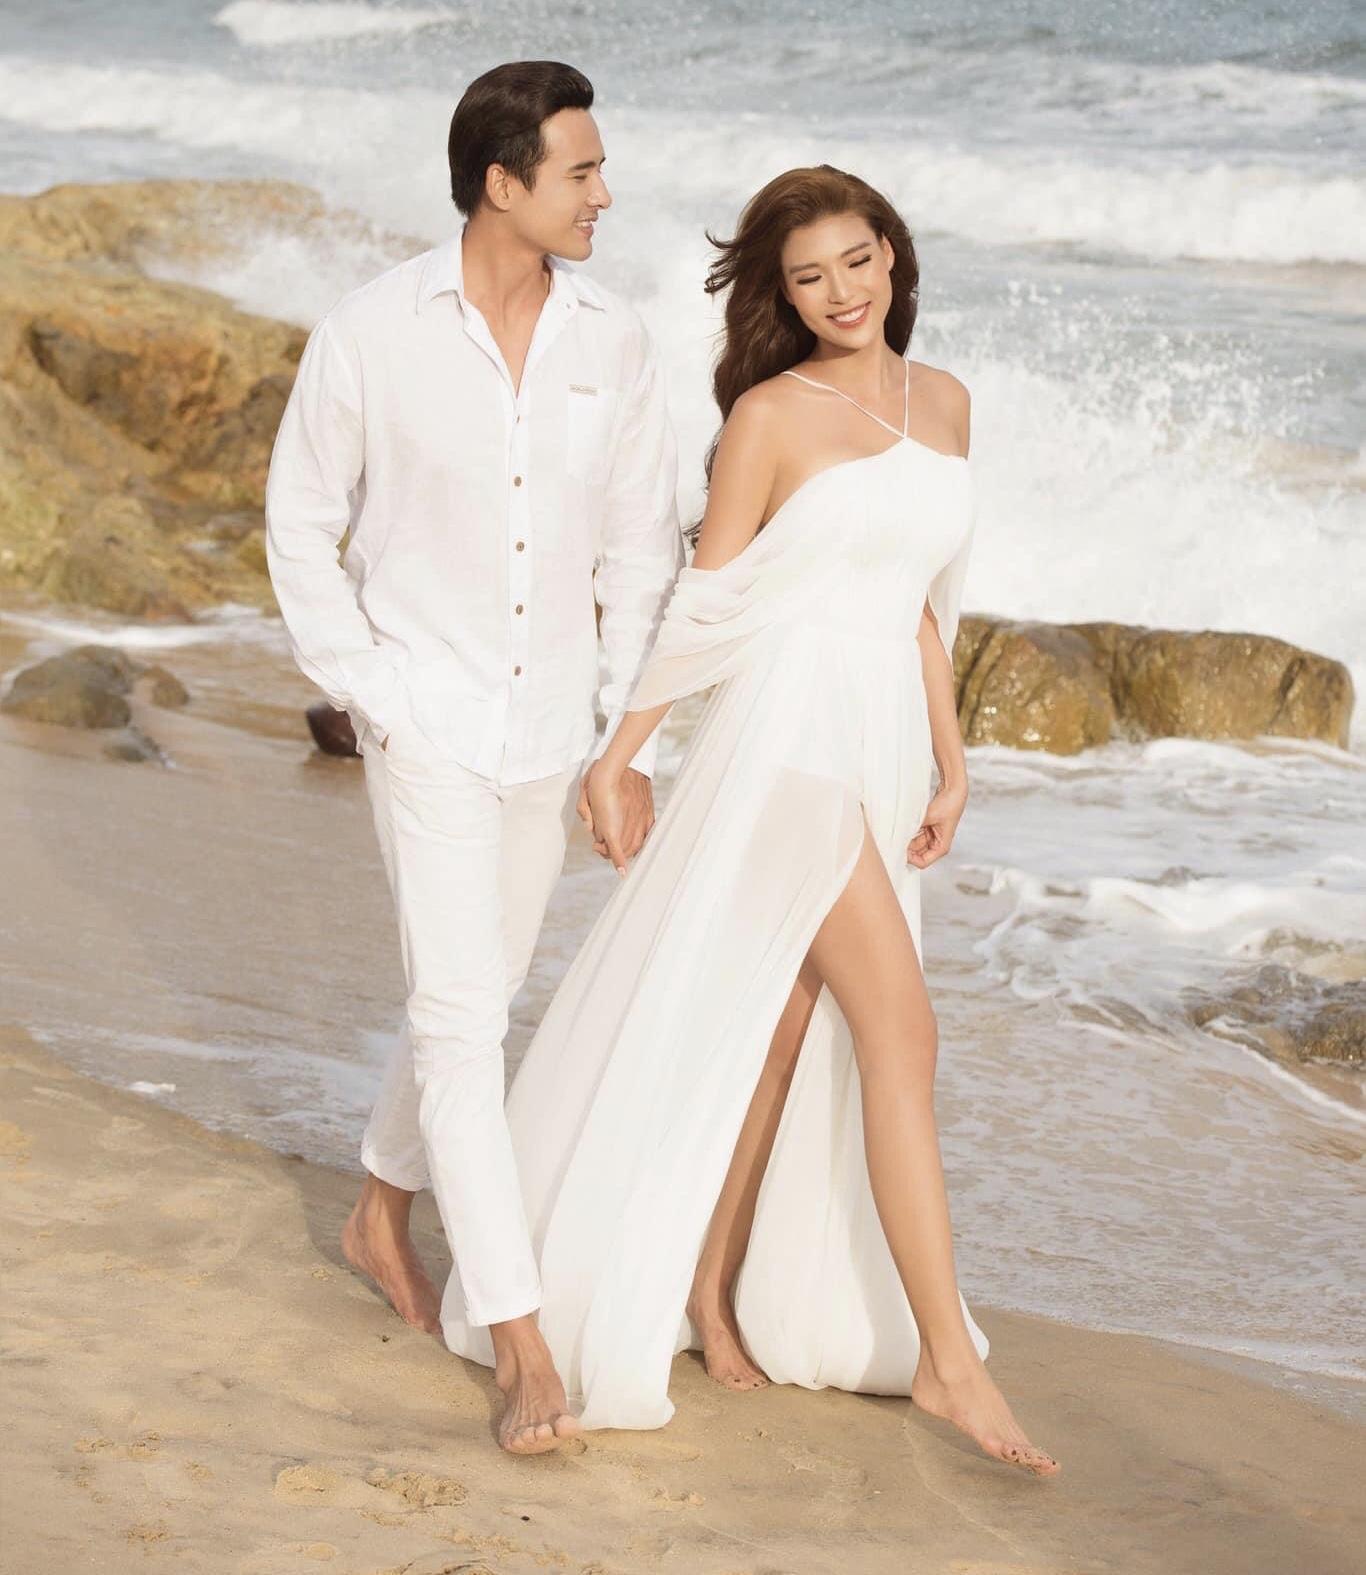 Thúy Diễm khoe dáng nóng bỏng với bikini trên bãi biển - 6